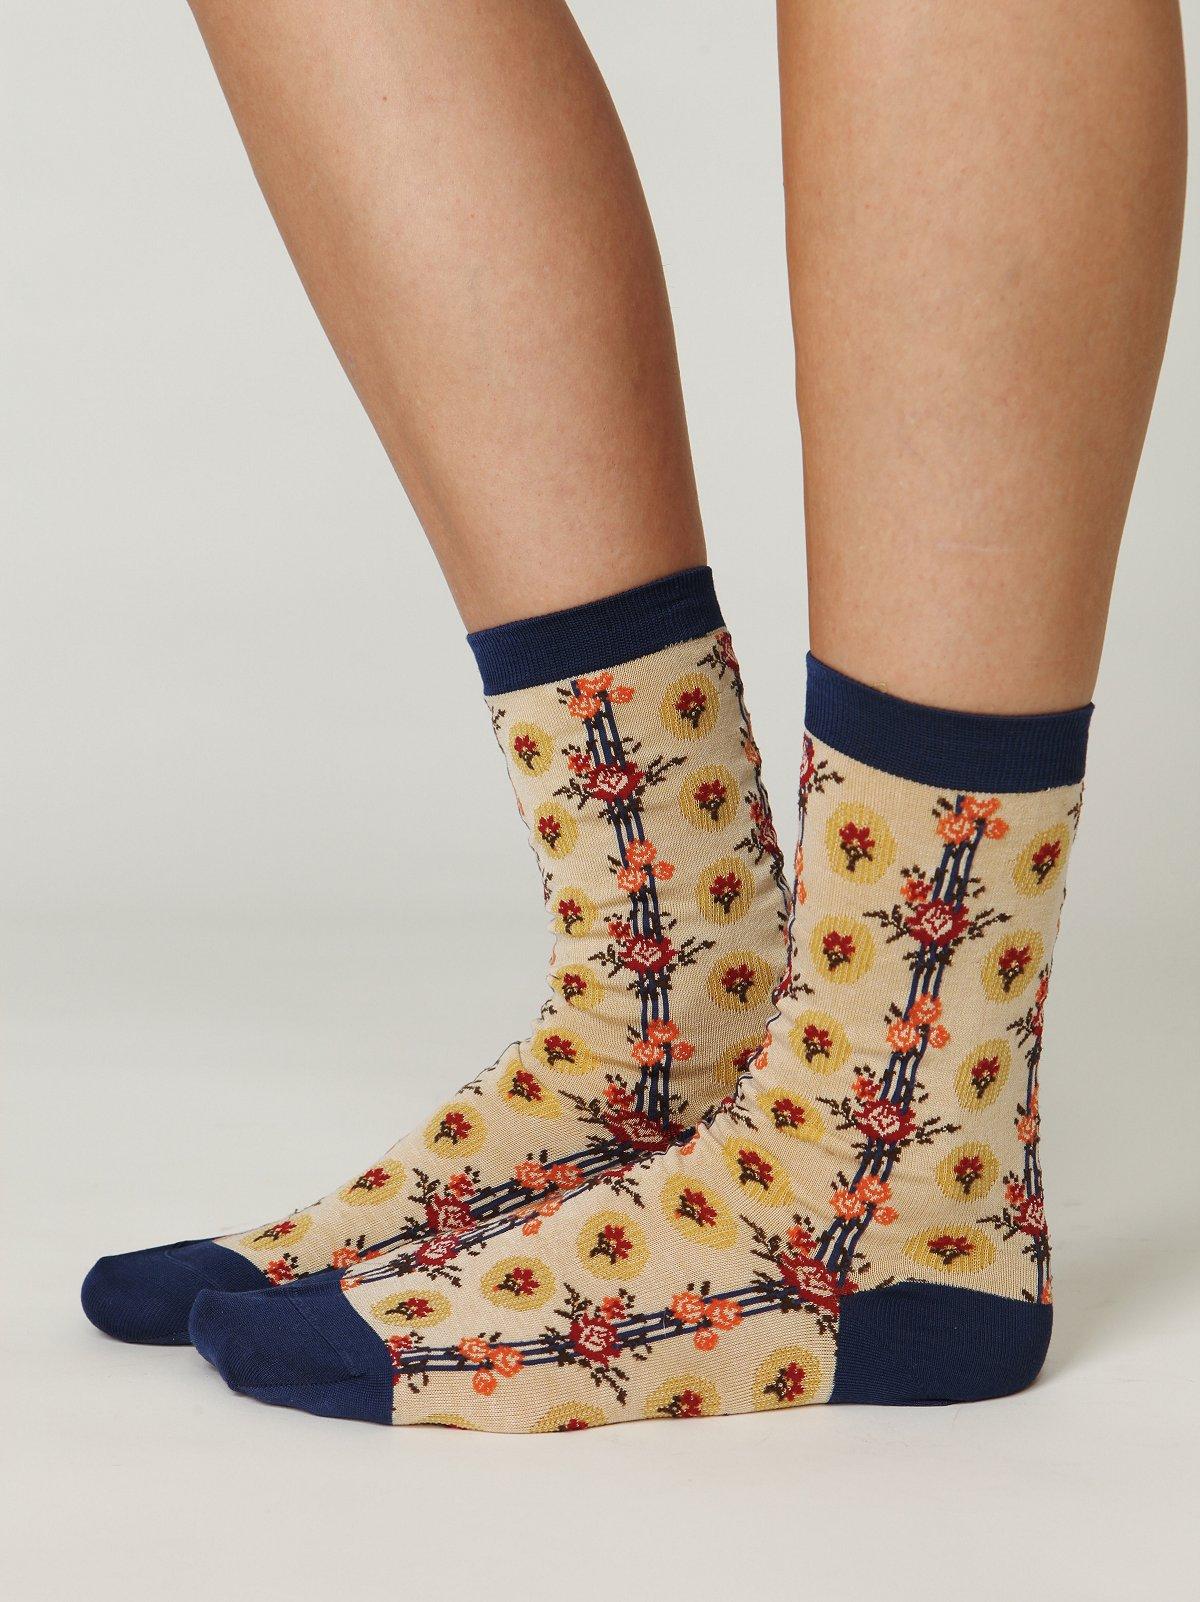 Vintage Floral Boot Socks